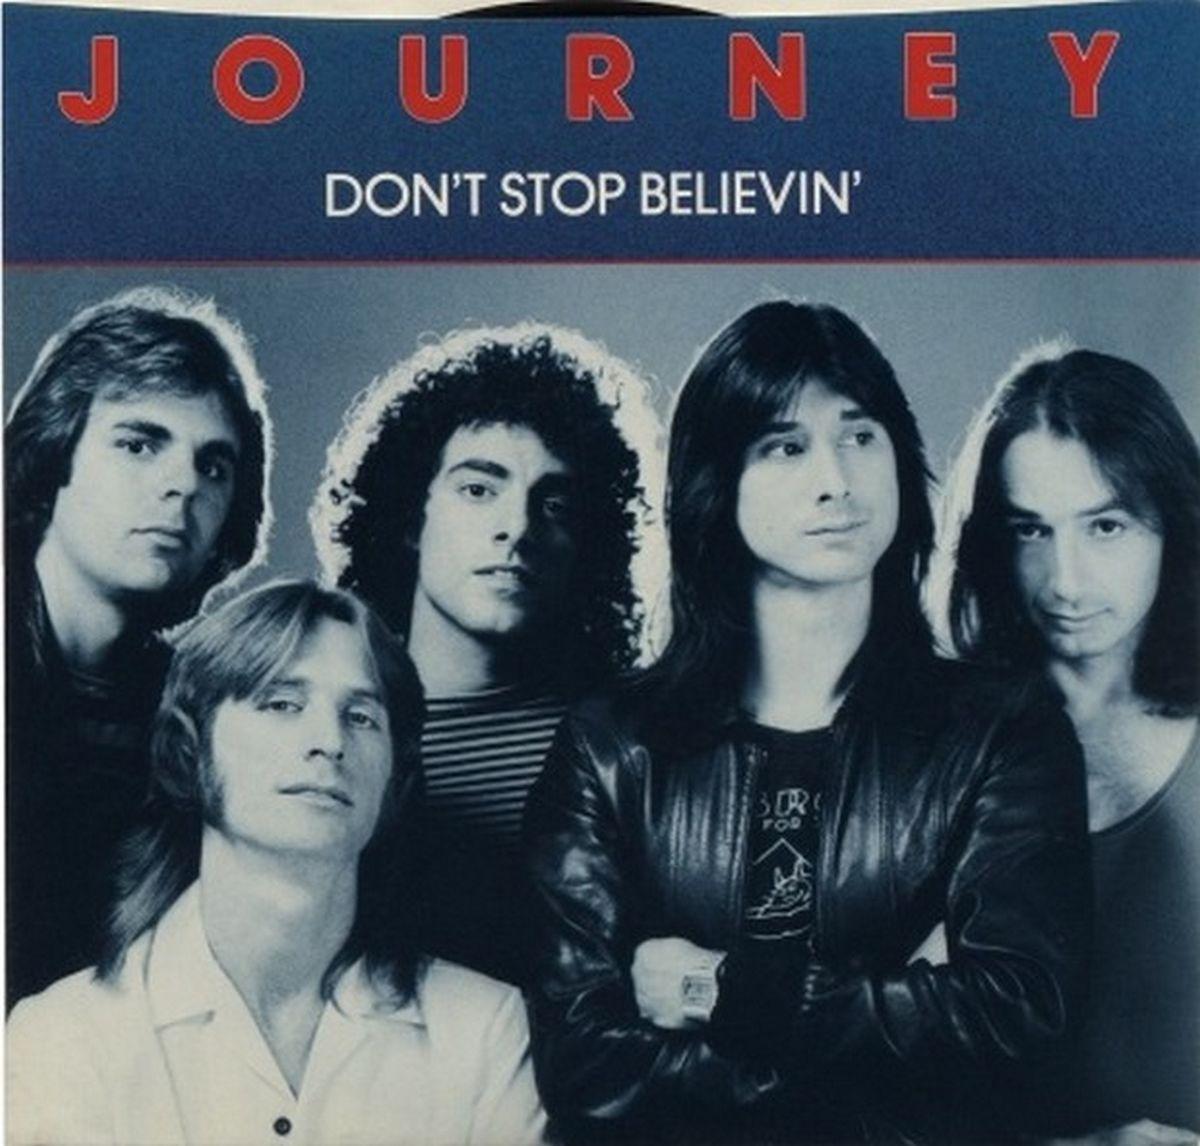 Journey diskos exwfyllo